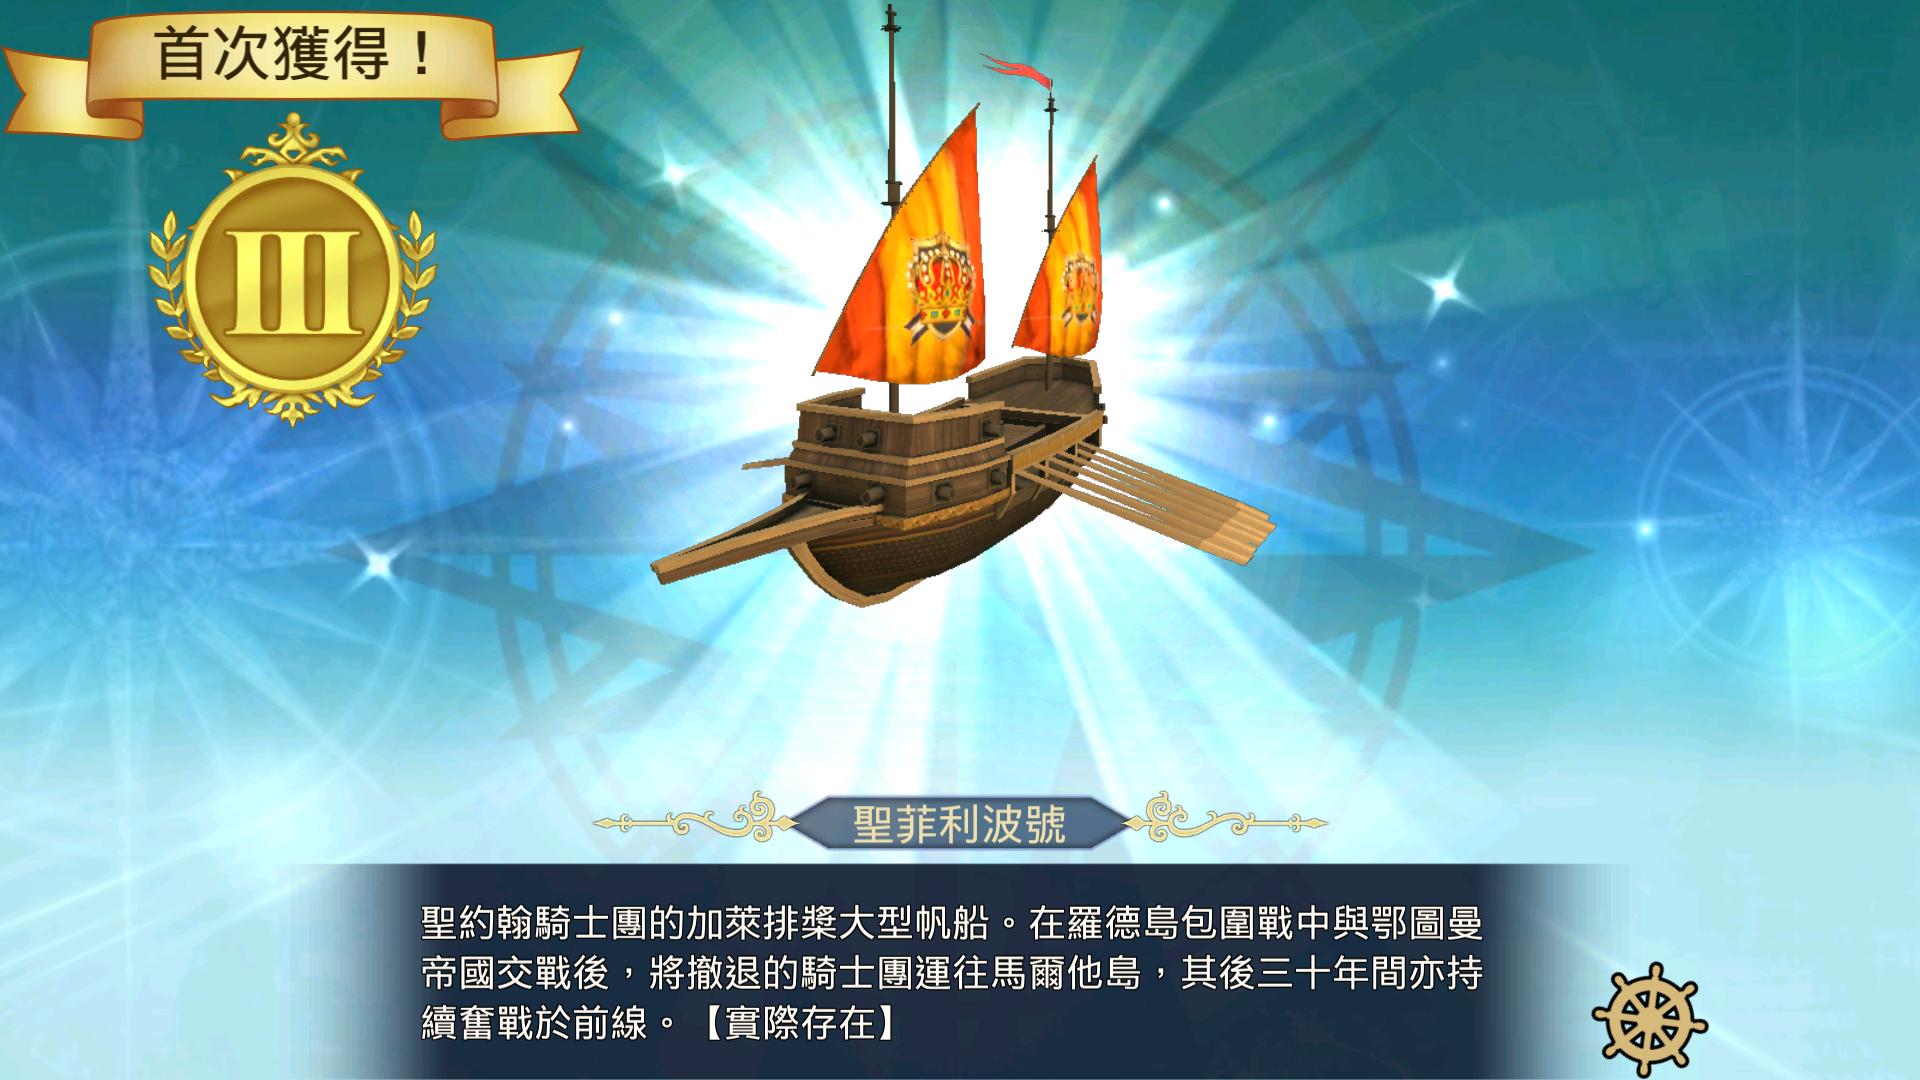 努力升級船隻 航向《大航海時代》吧